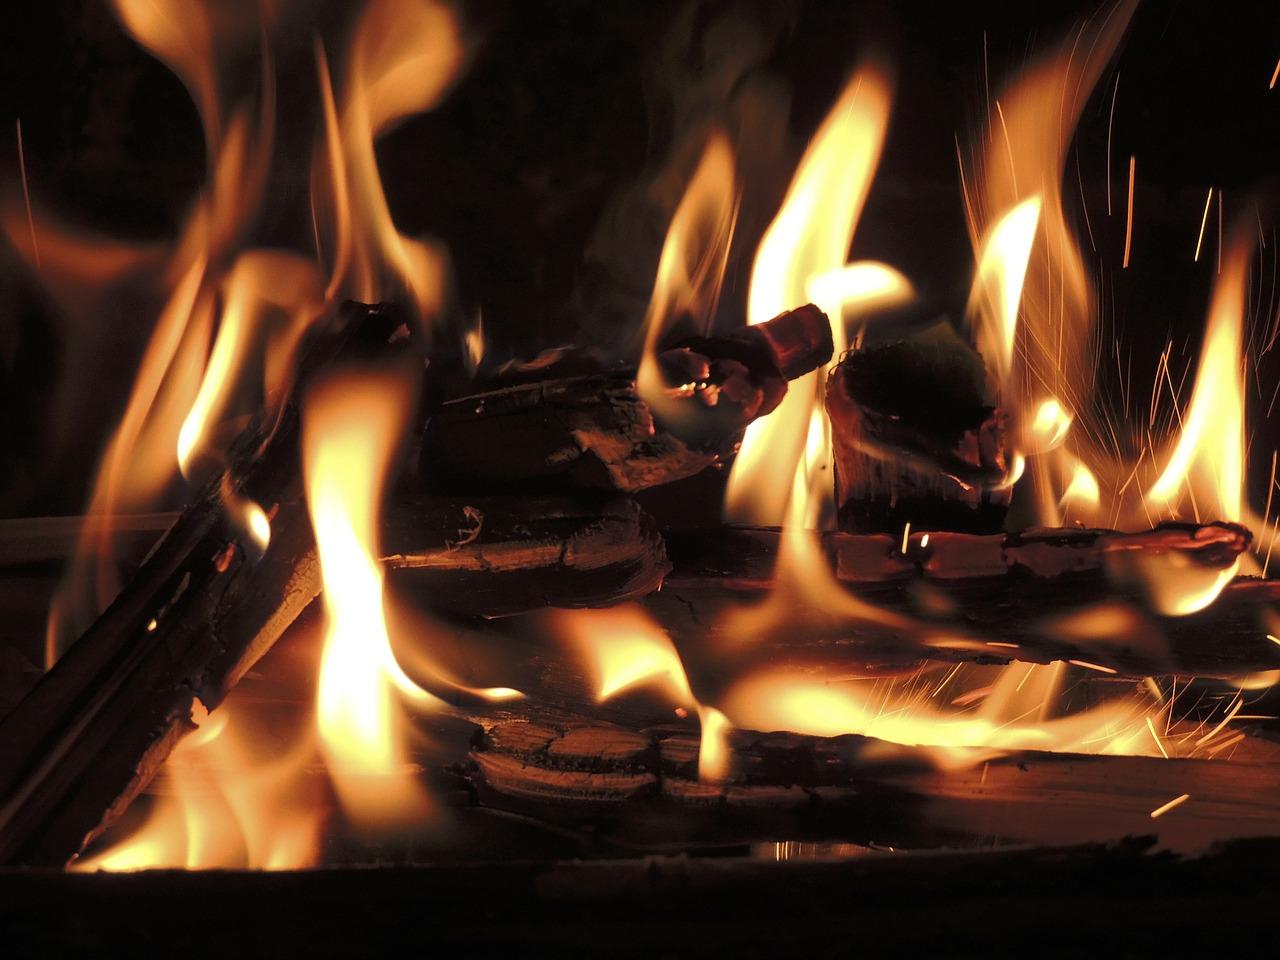 Impianti antincendio con i migliori requisiti